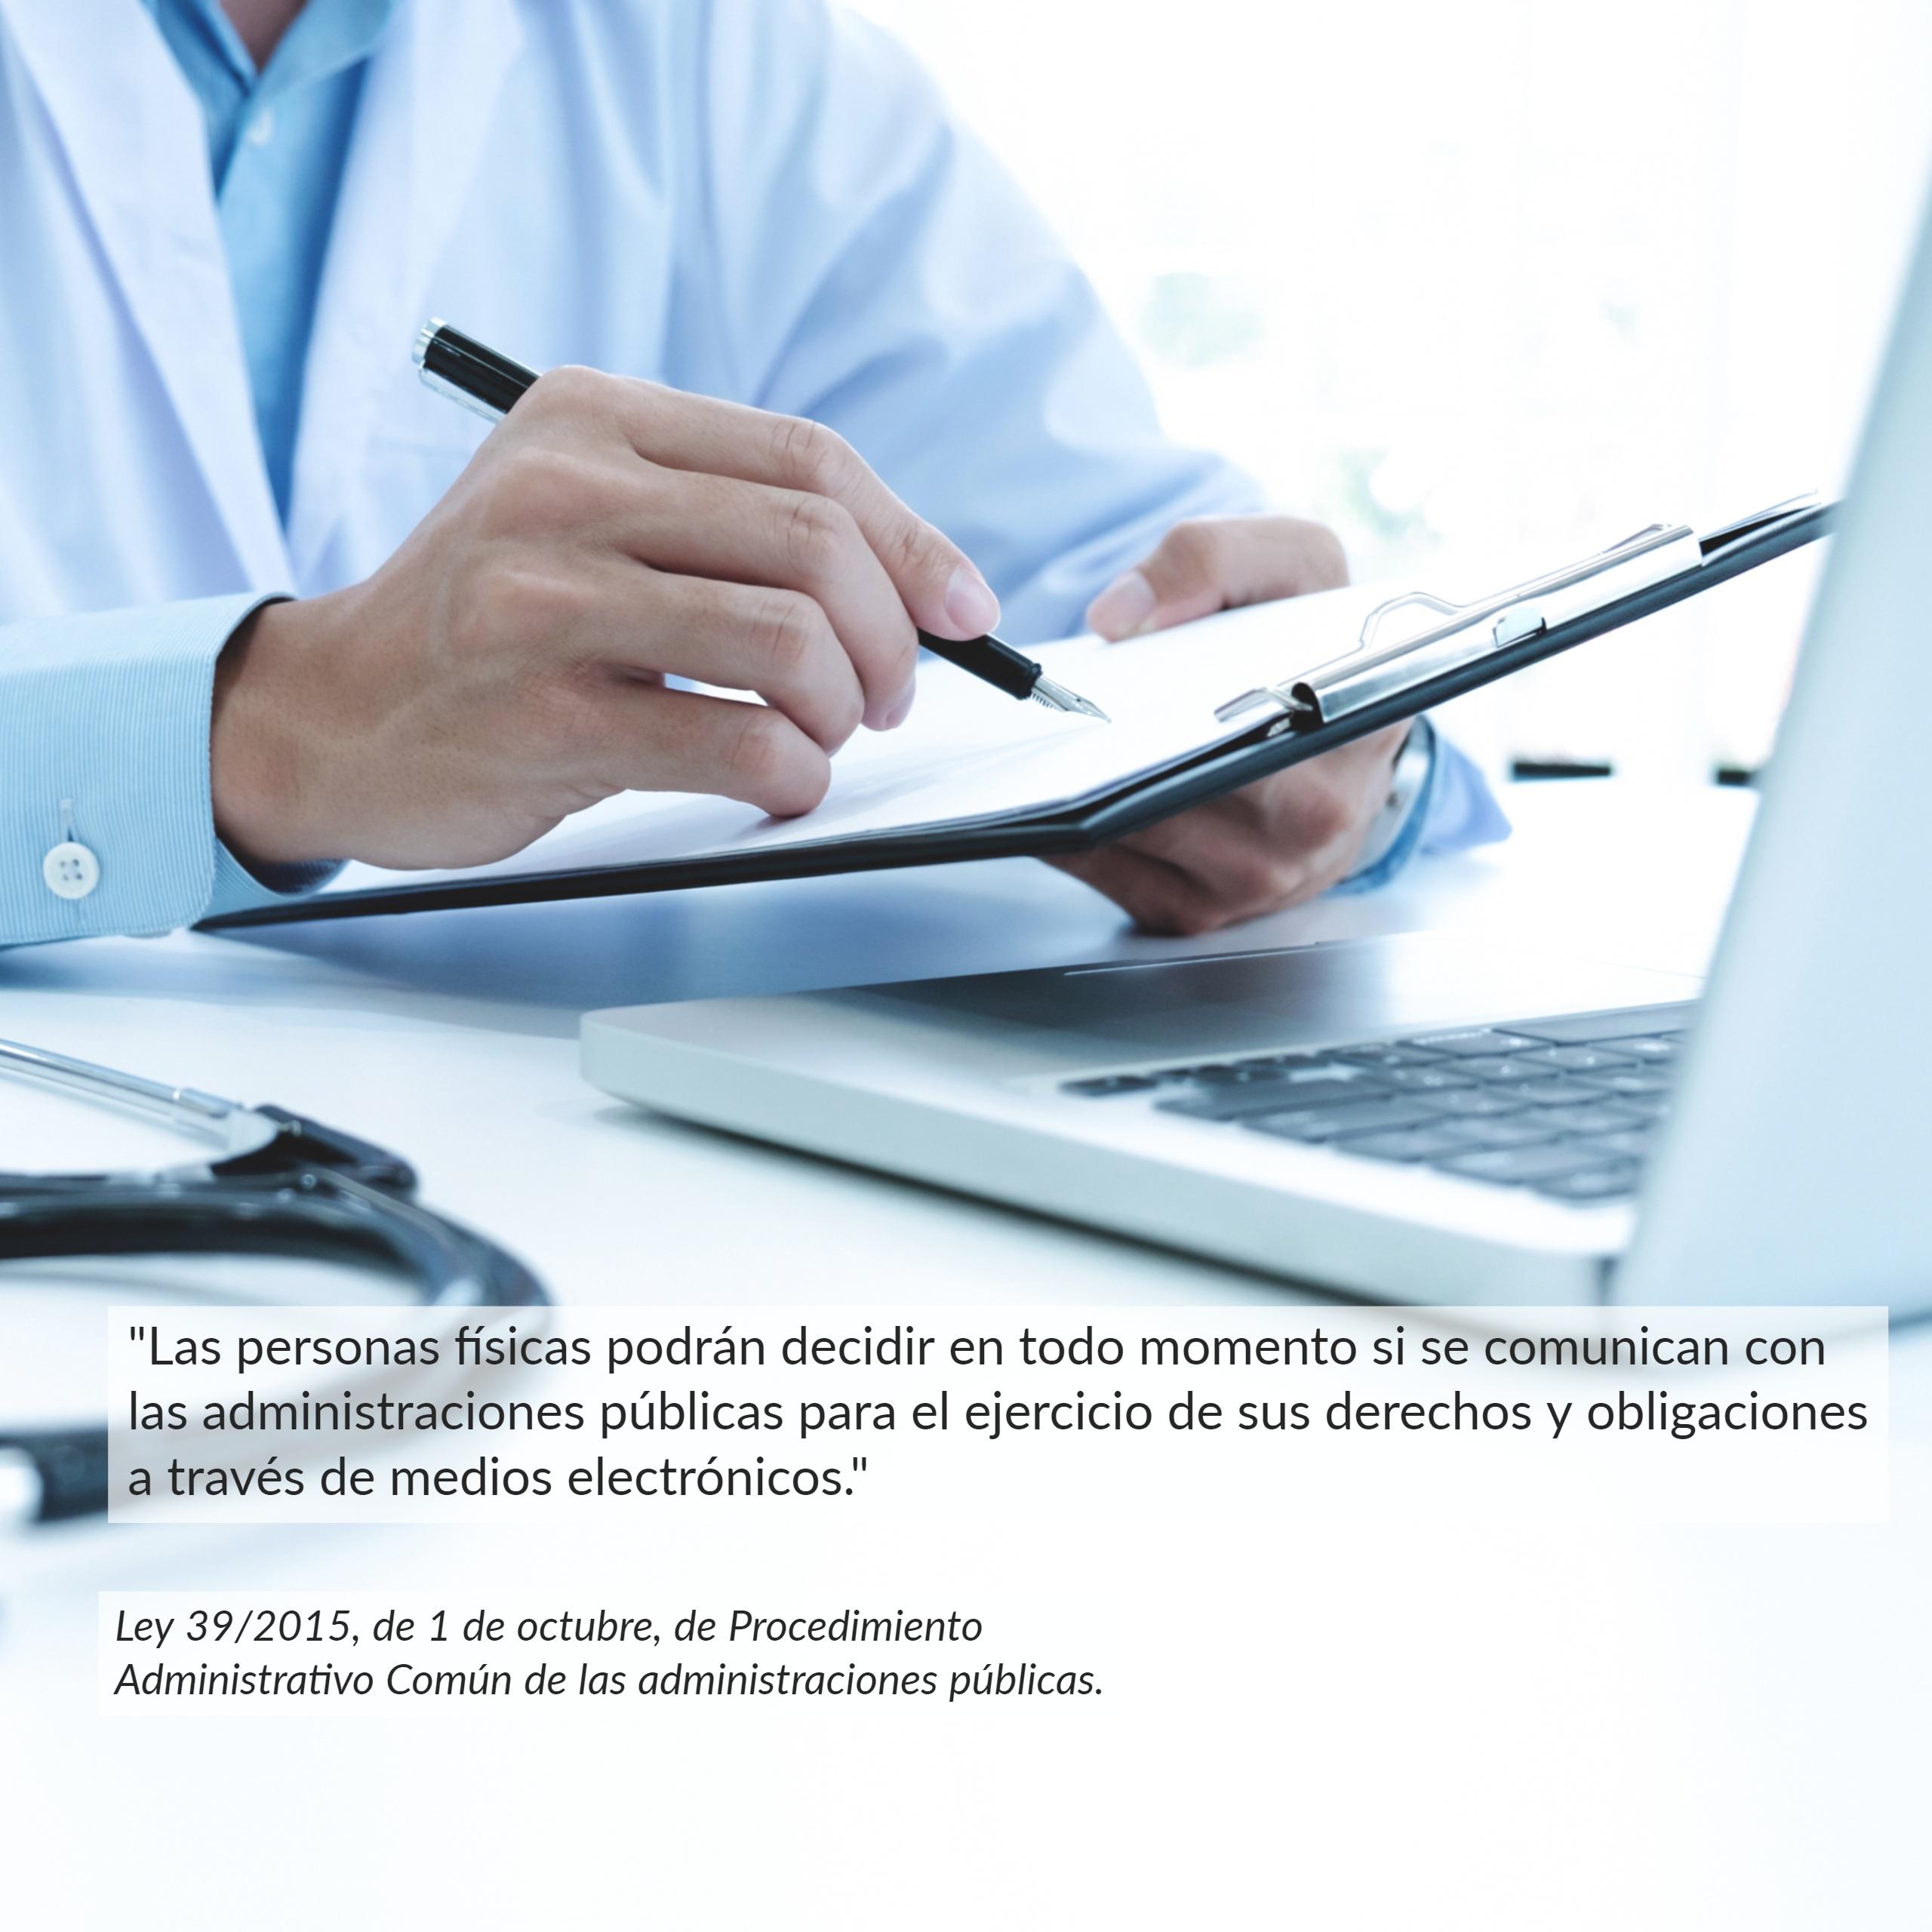 El Síndic insta a implantar la administración electrónica en todos los hospitales públicos